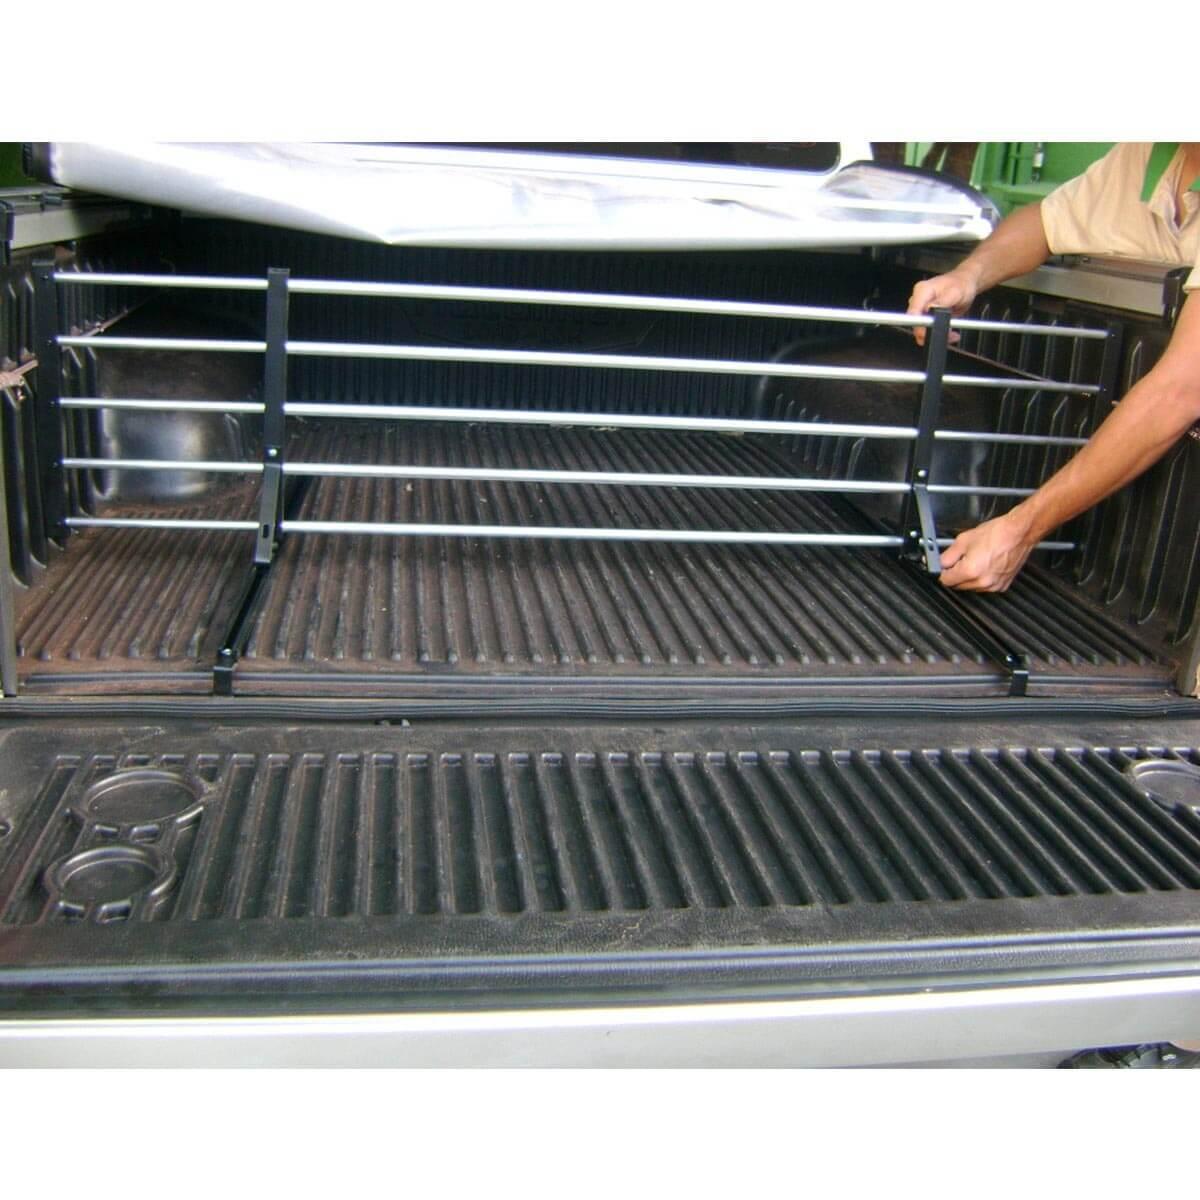 Divisor separador de cargas caçamba Nova S10 2012 a 2021